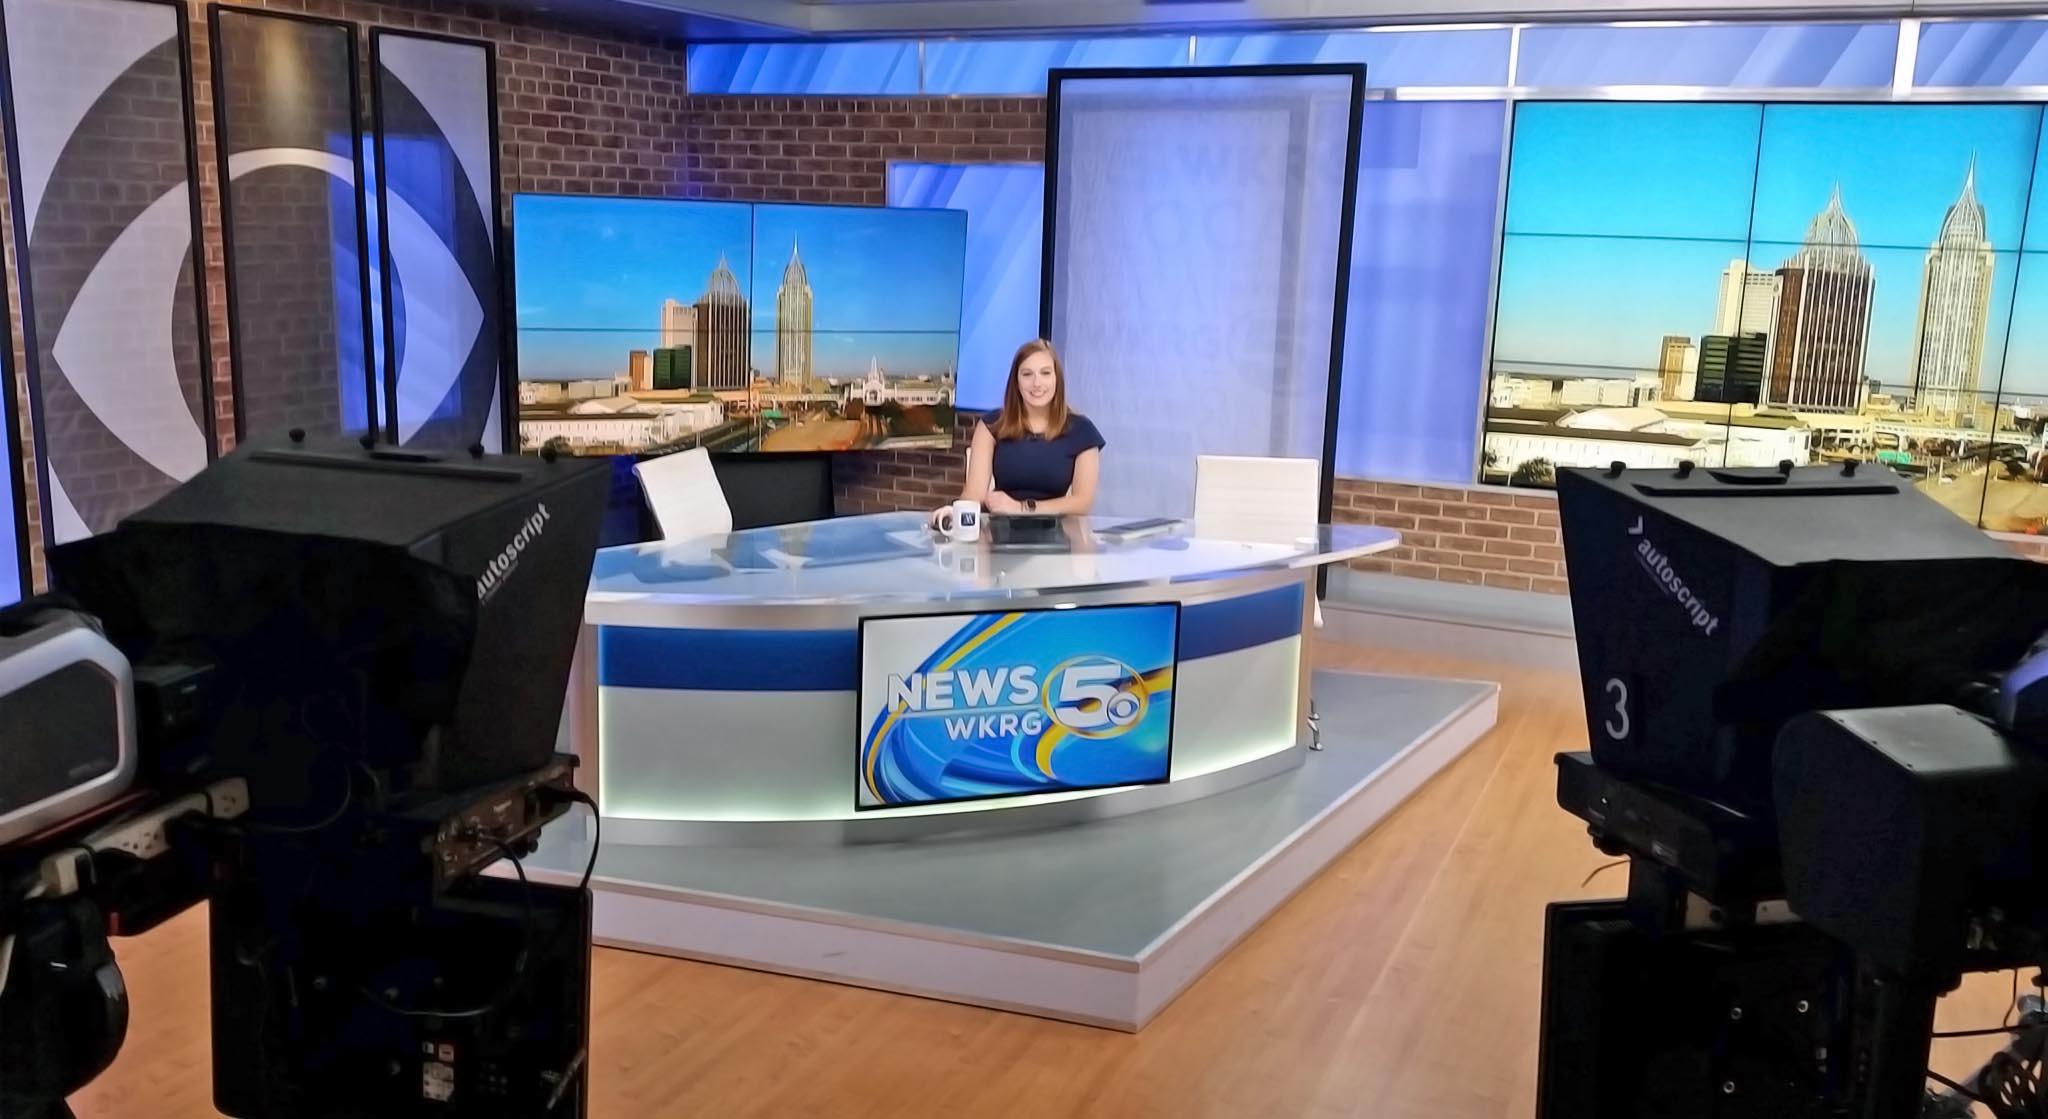 Nicolette Schleisman anchoring at WKRG News